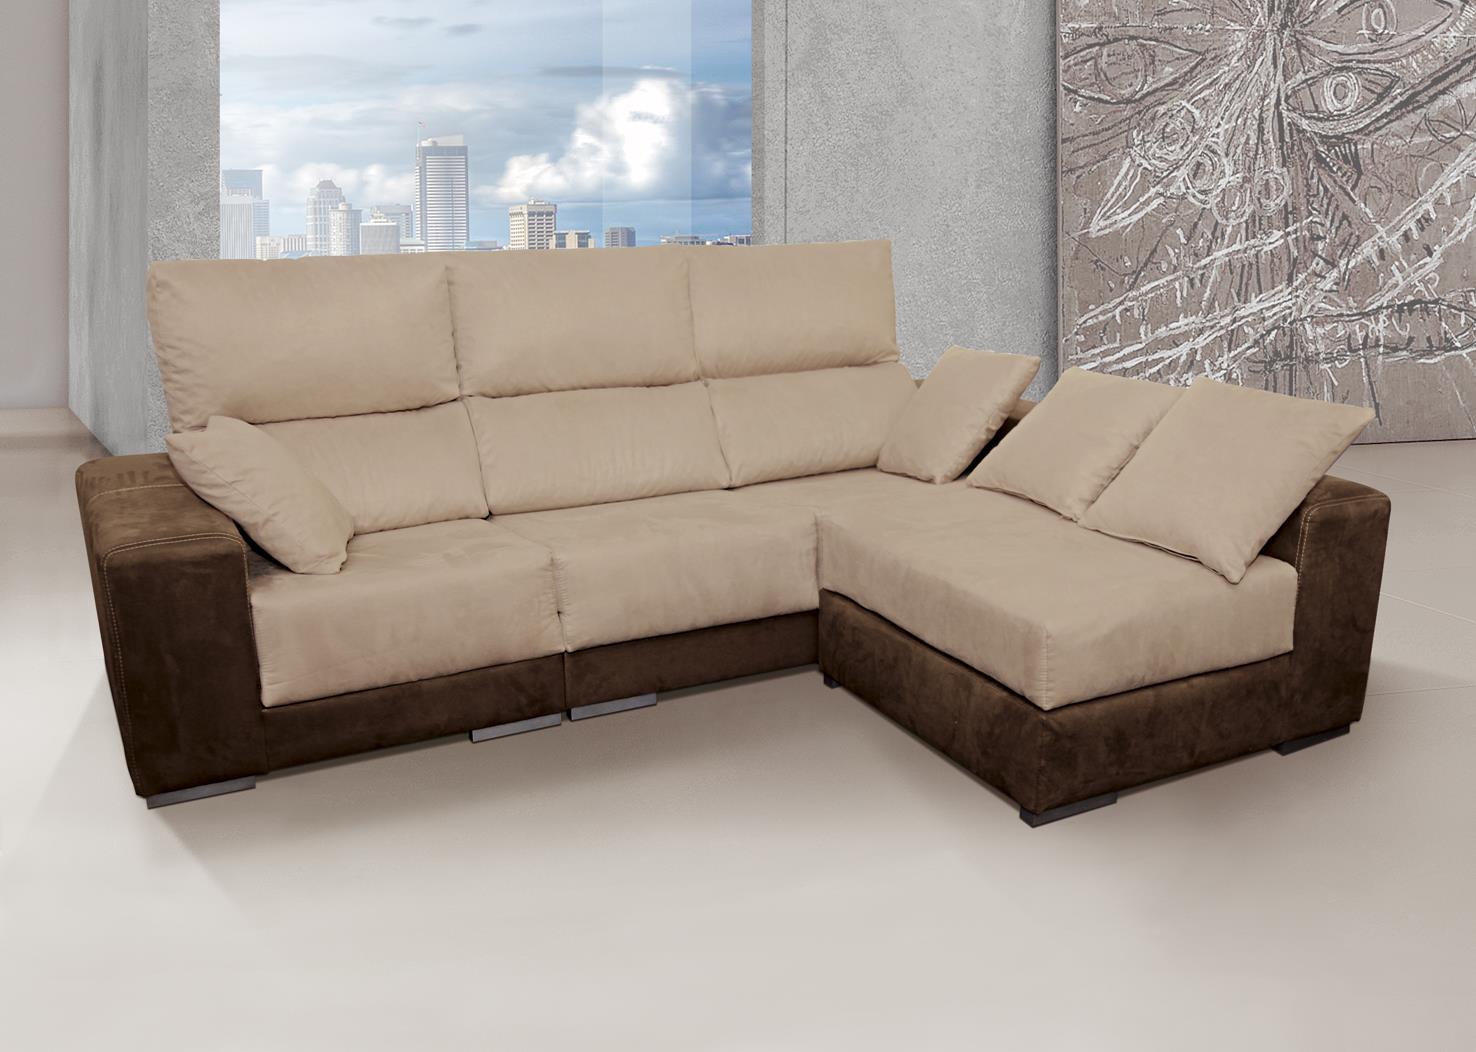 Chaisselongue m s 3 plazas reversible con 4 pouf muebles for Muebles bandama